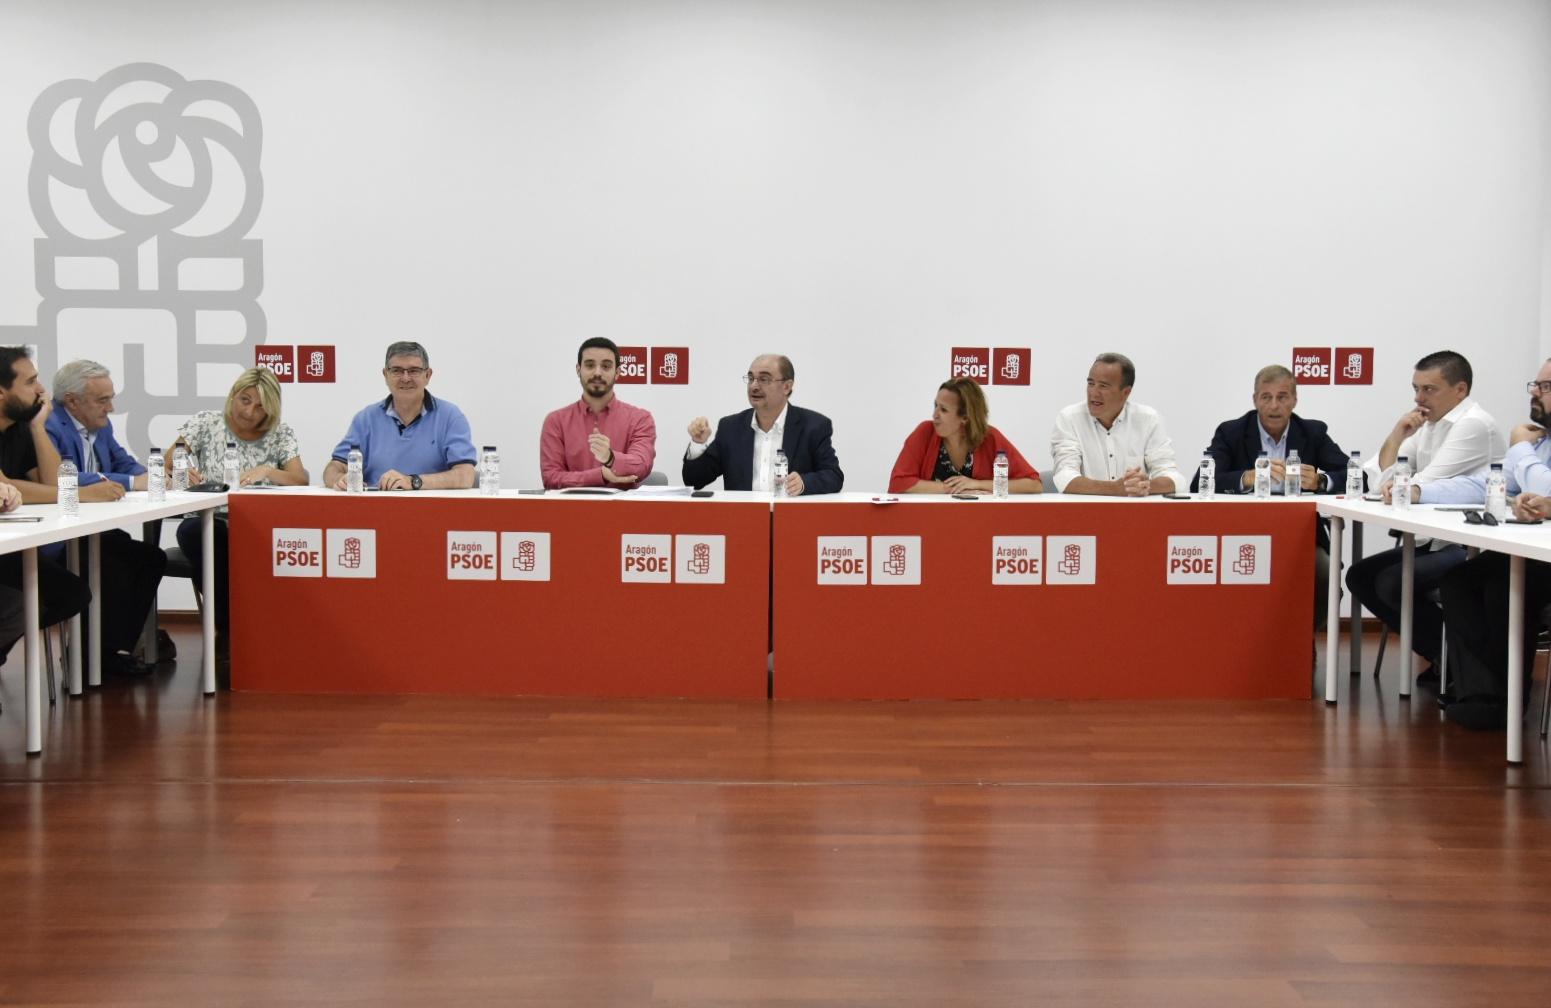 La ejecutiva del PSOE al igual que los órganos de CHA y PAR ratificaron este lunes los acuerdos de gobierno. Por su parte, Podemos-Equo preguntó a su militancia